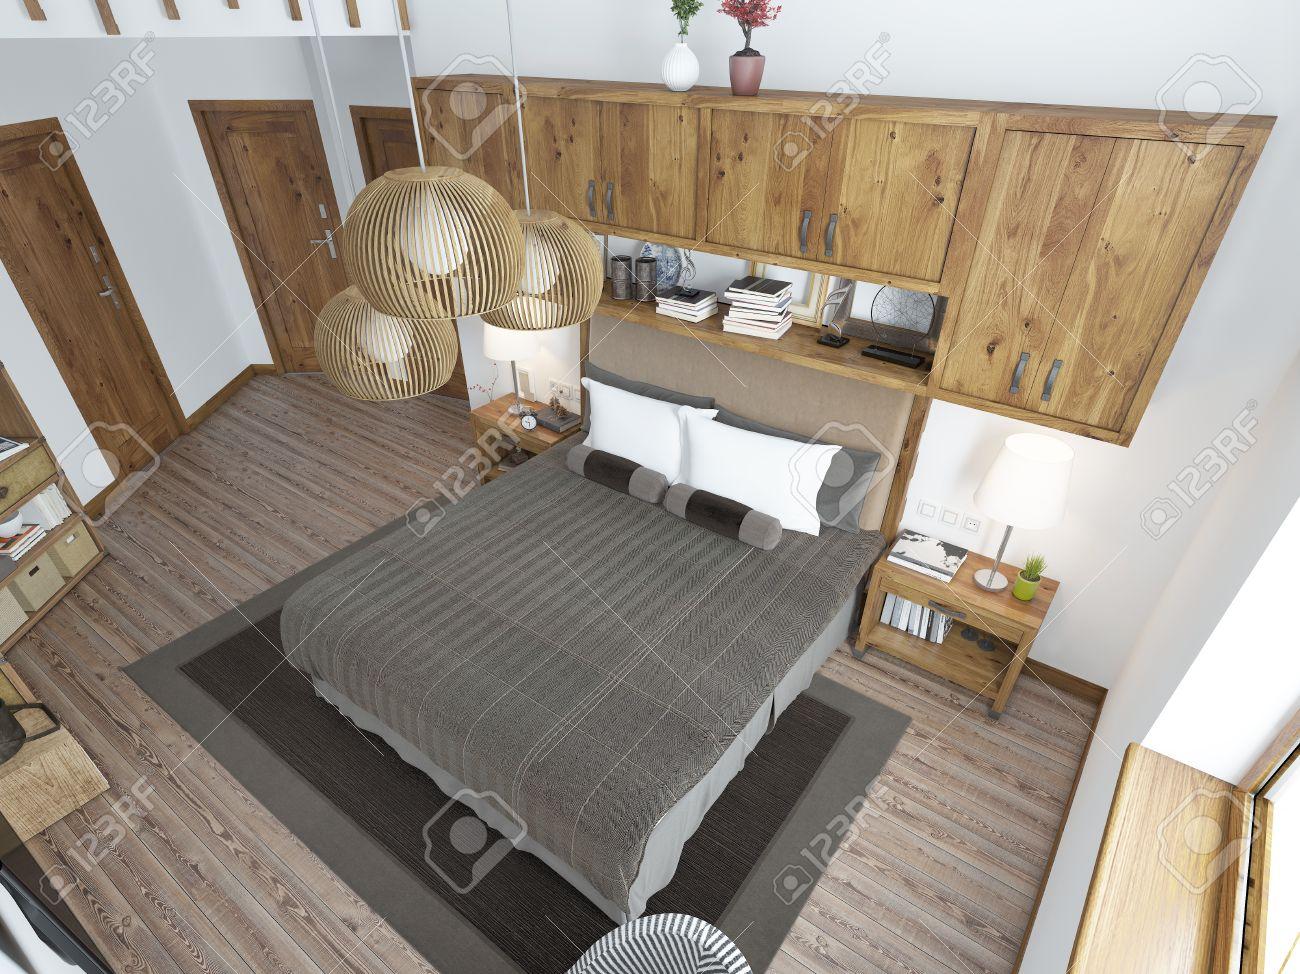 Camera Da Letto Nel Soppalco : Camera da letto su soppalco come ricavare una camera da letto nel